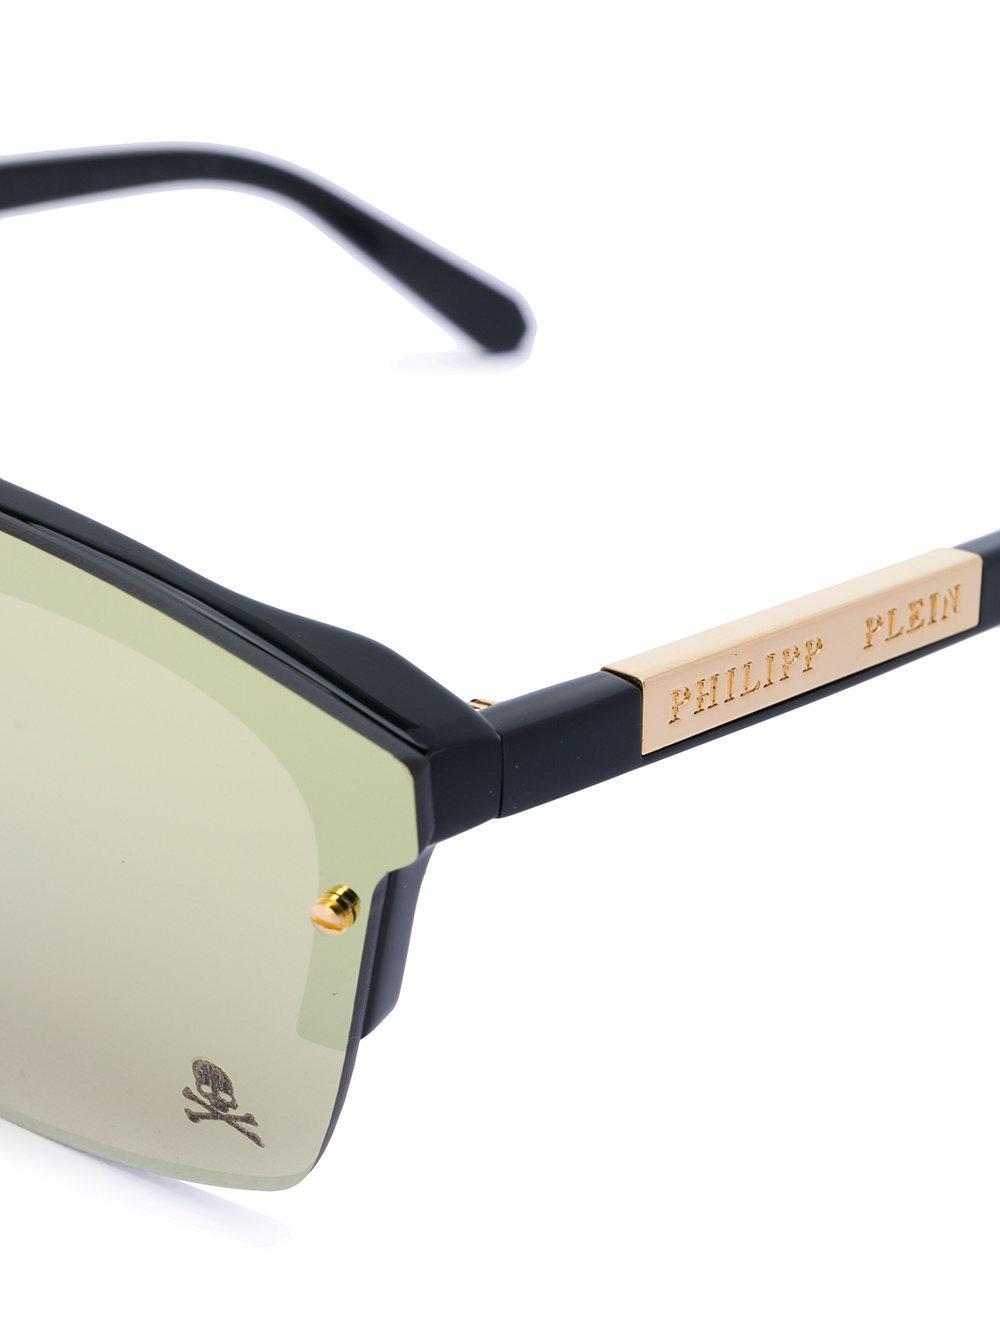 Philipp Plein Decide Sunglasses in Metallic for Men